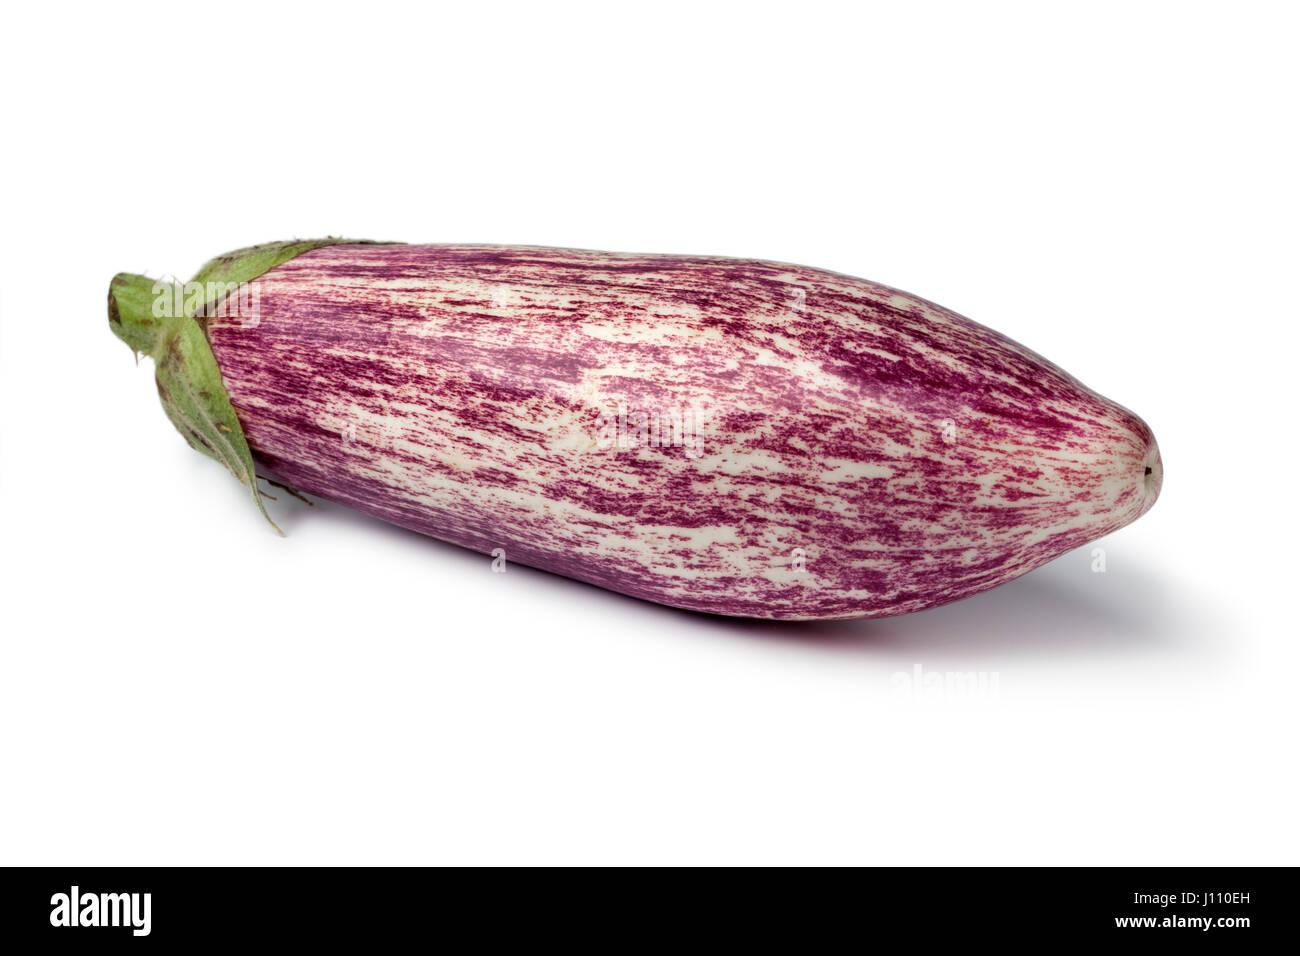 Single graffiti fresh eggplant on white background stock image